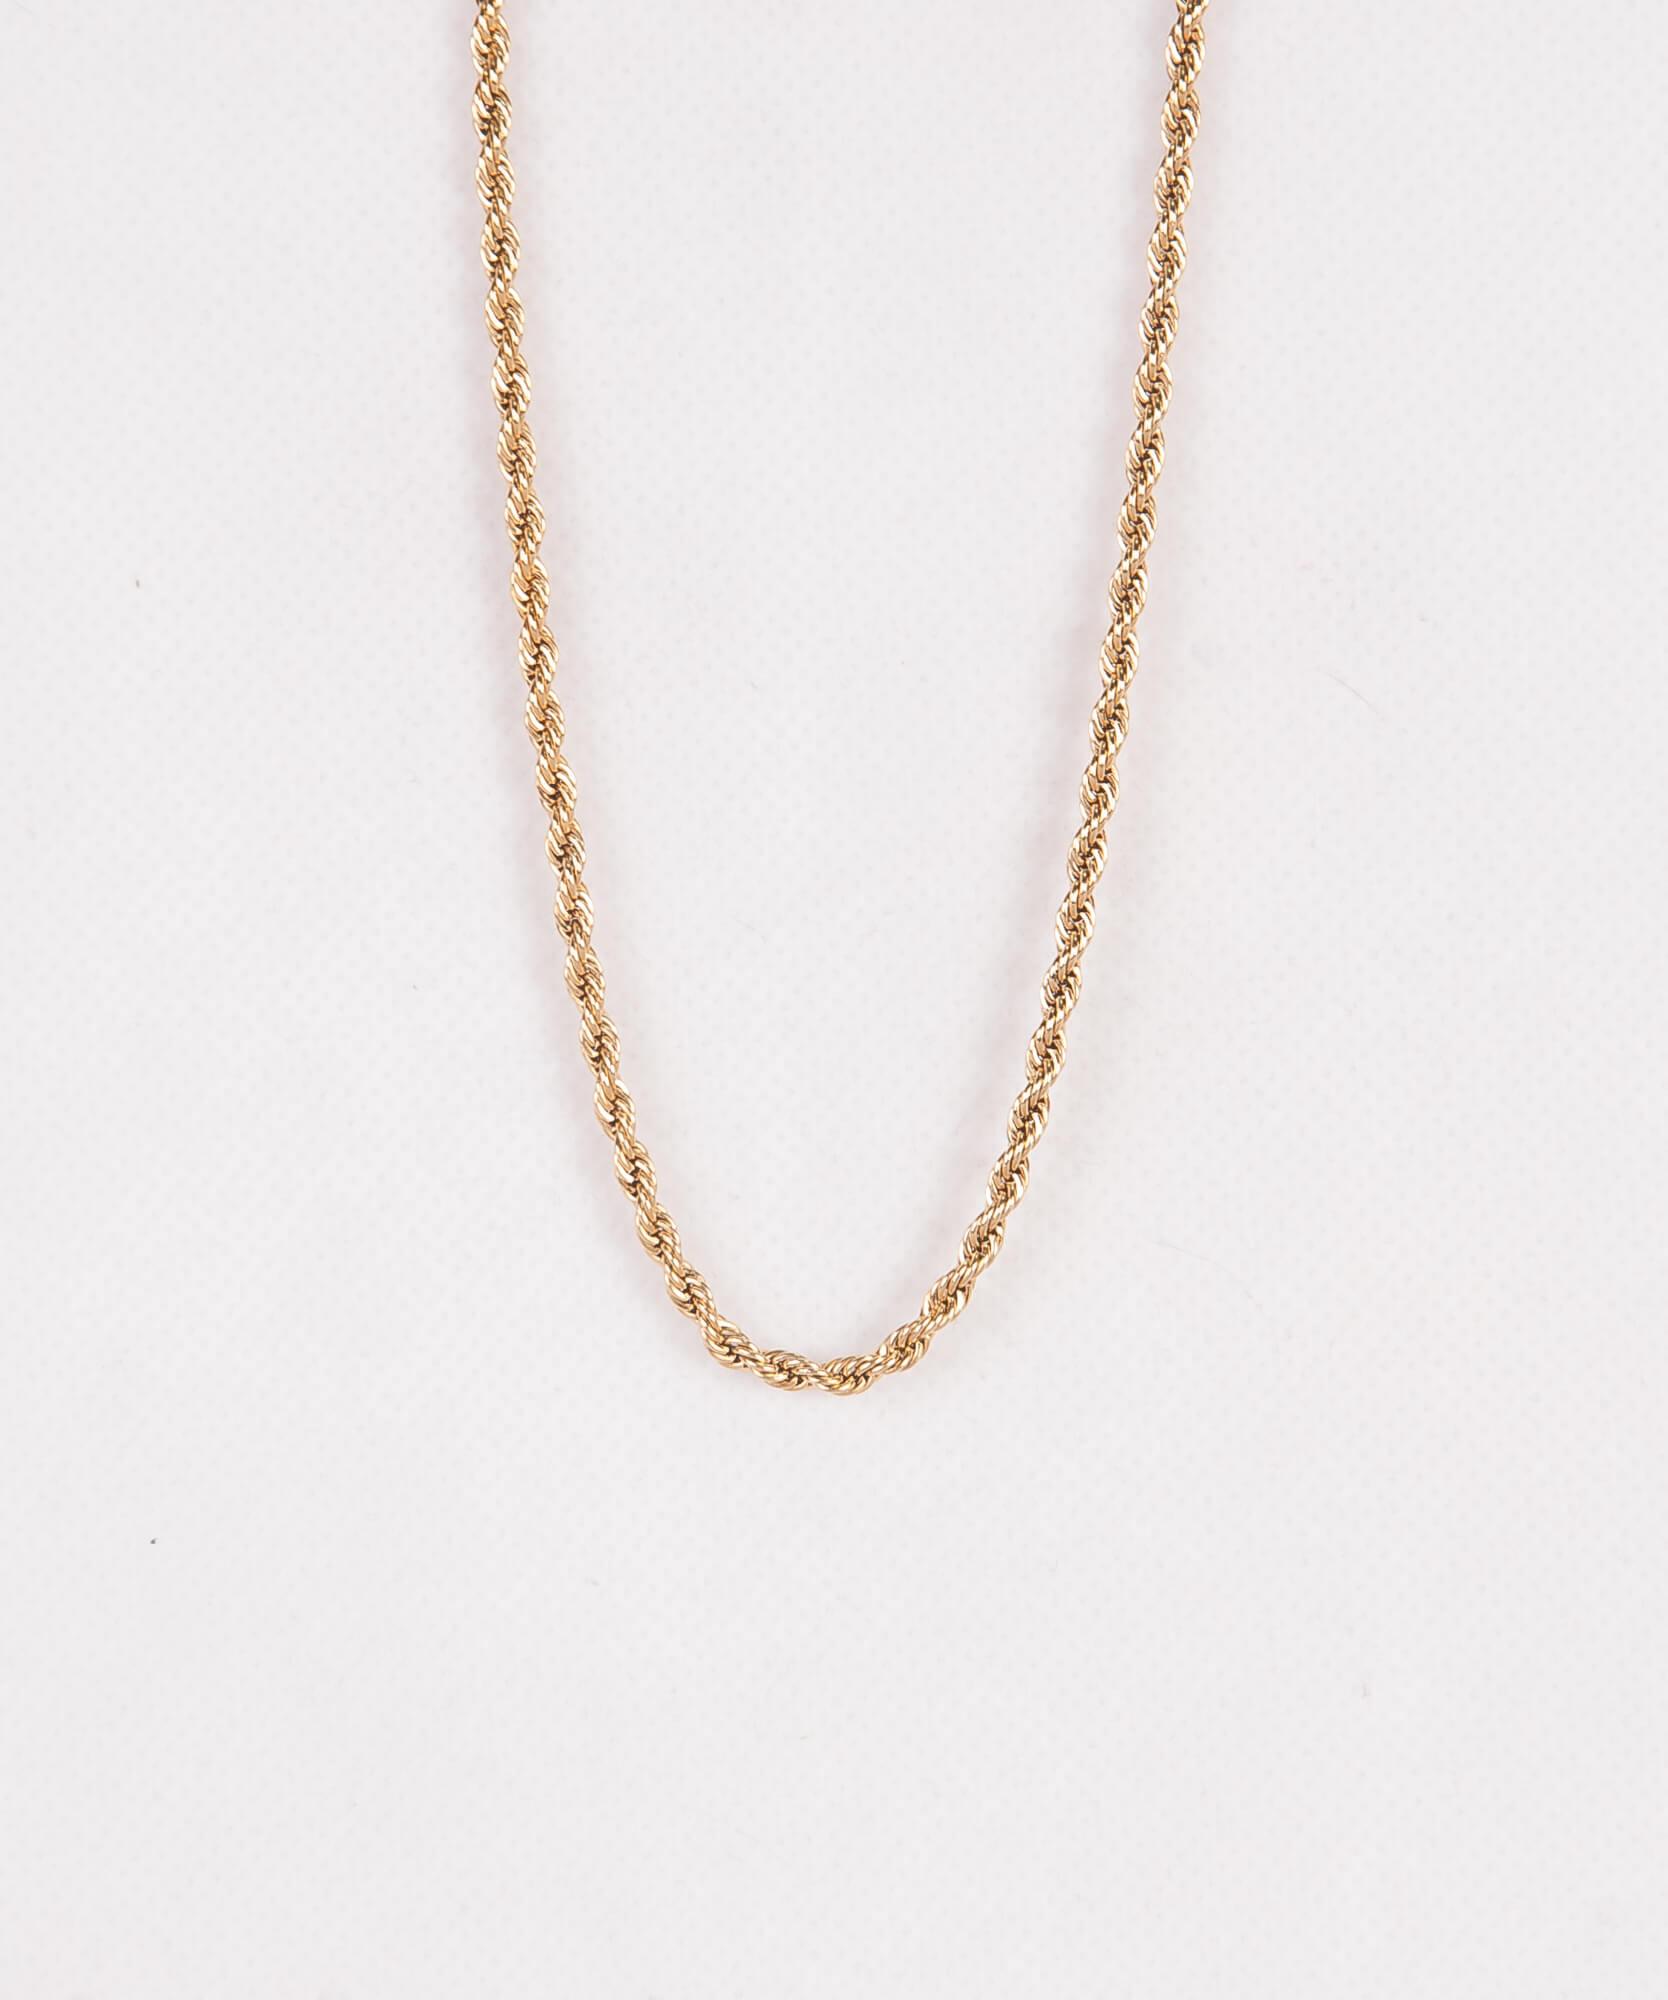 گردنبند مردانه استیل طلایی NC1003